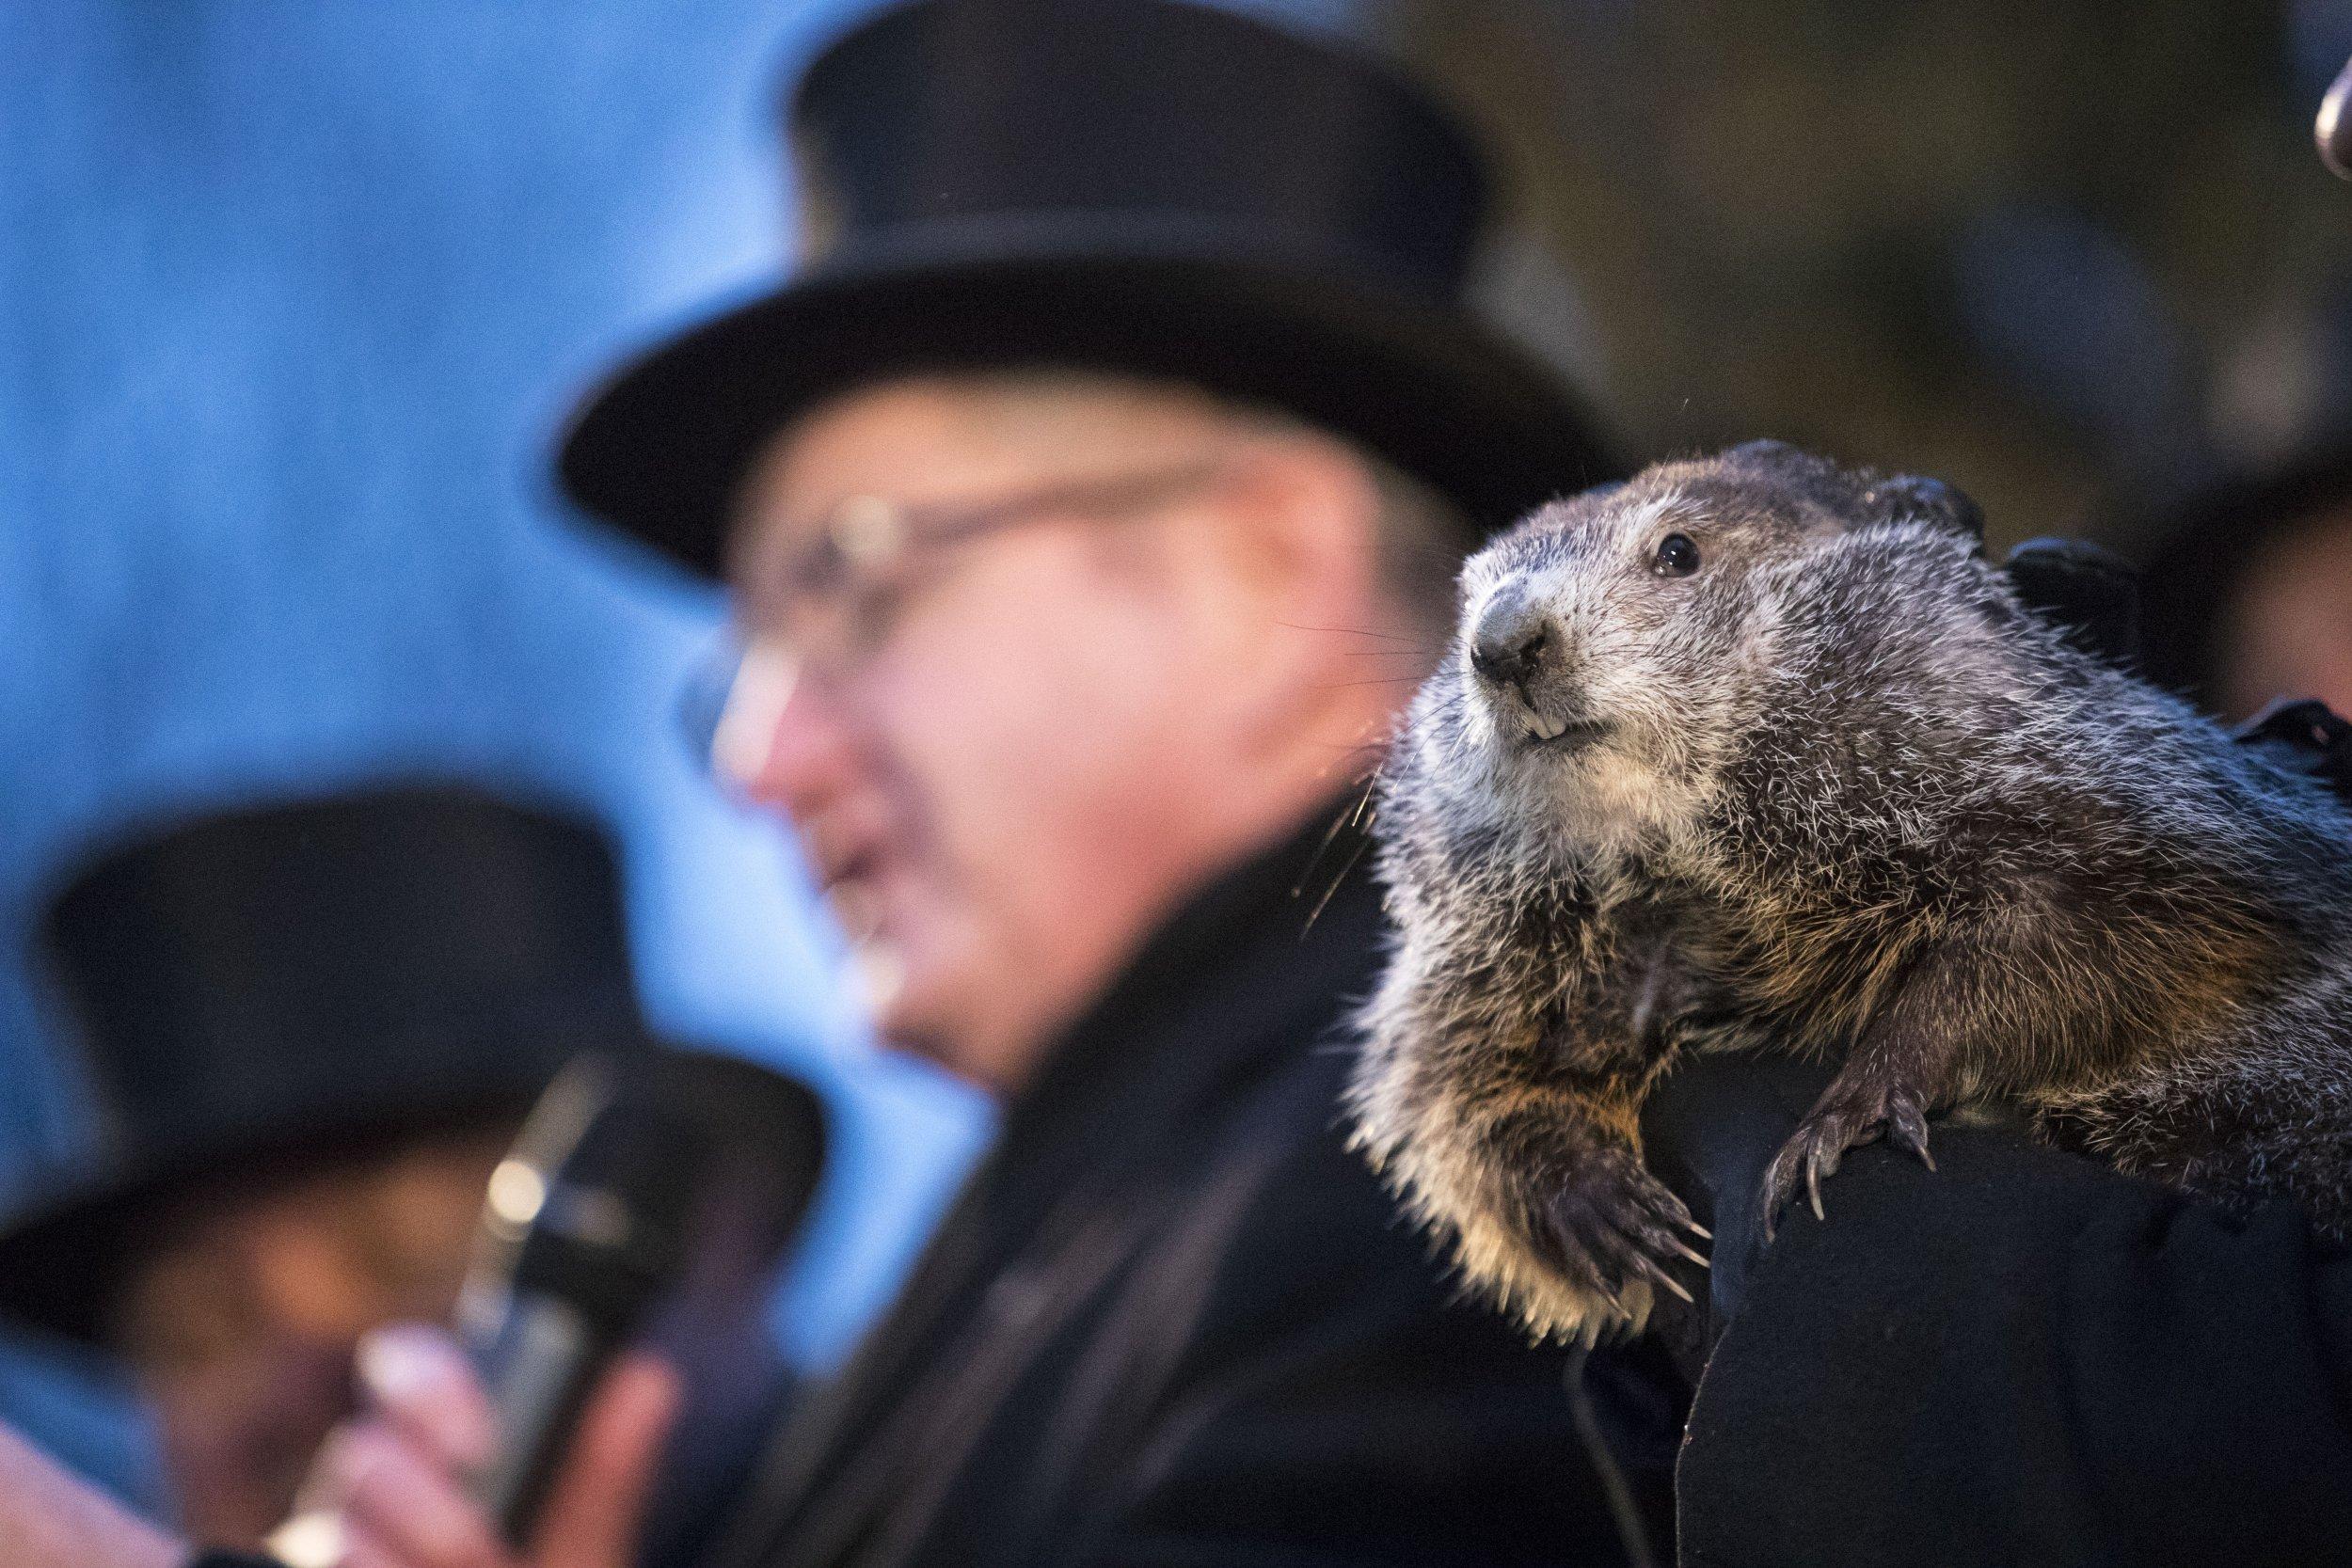 Groundhog Day, Groundhog, Punxsutawney, Punxsutawney Phil, Winter, Spring, Shadow